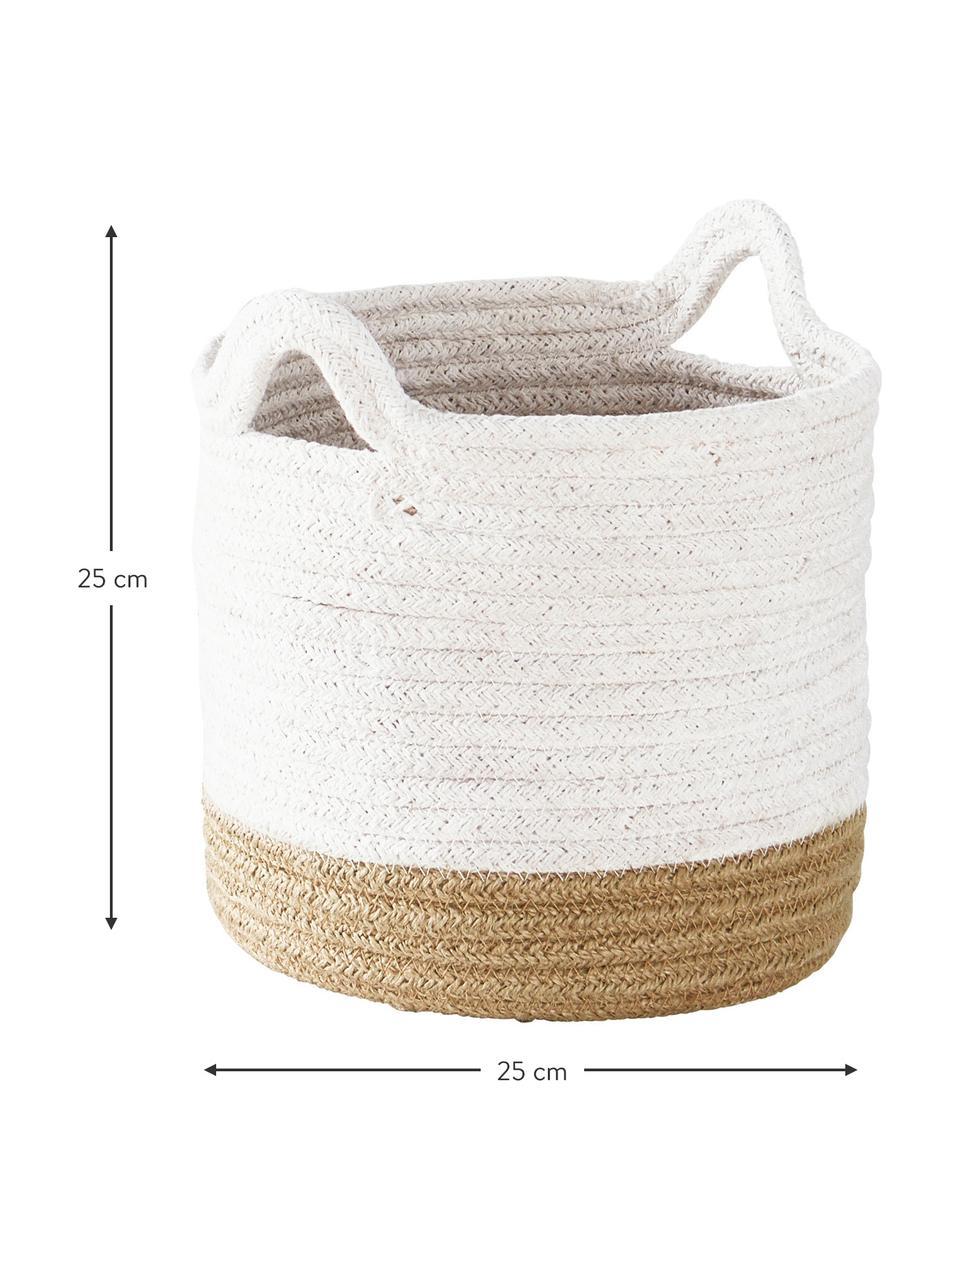 Aufbewahrungskörbe Salle, 2er-Set, 60% Baumwolle, 40% Jute, Weiß, Beige, Set mit verschiedenen Größen